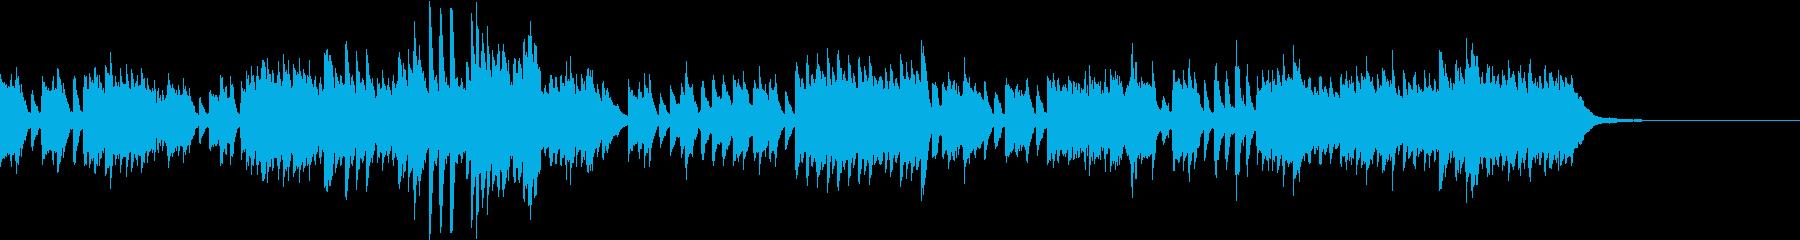 ソナチネ クレメンティ ピアノ名曲の再生済みの波形